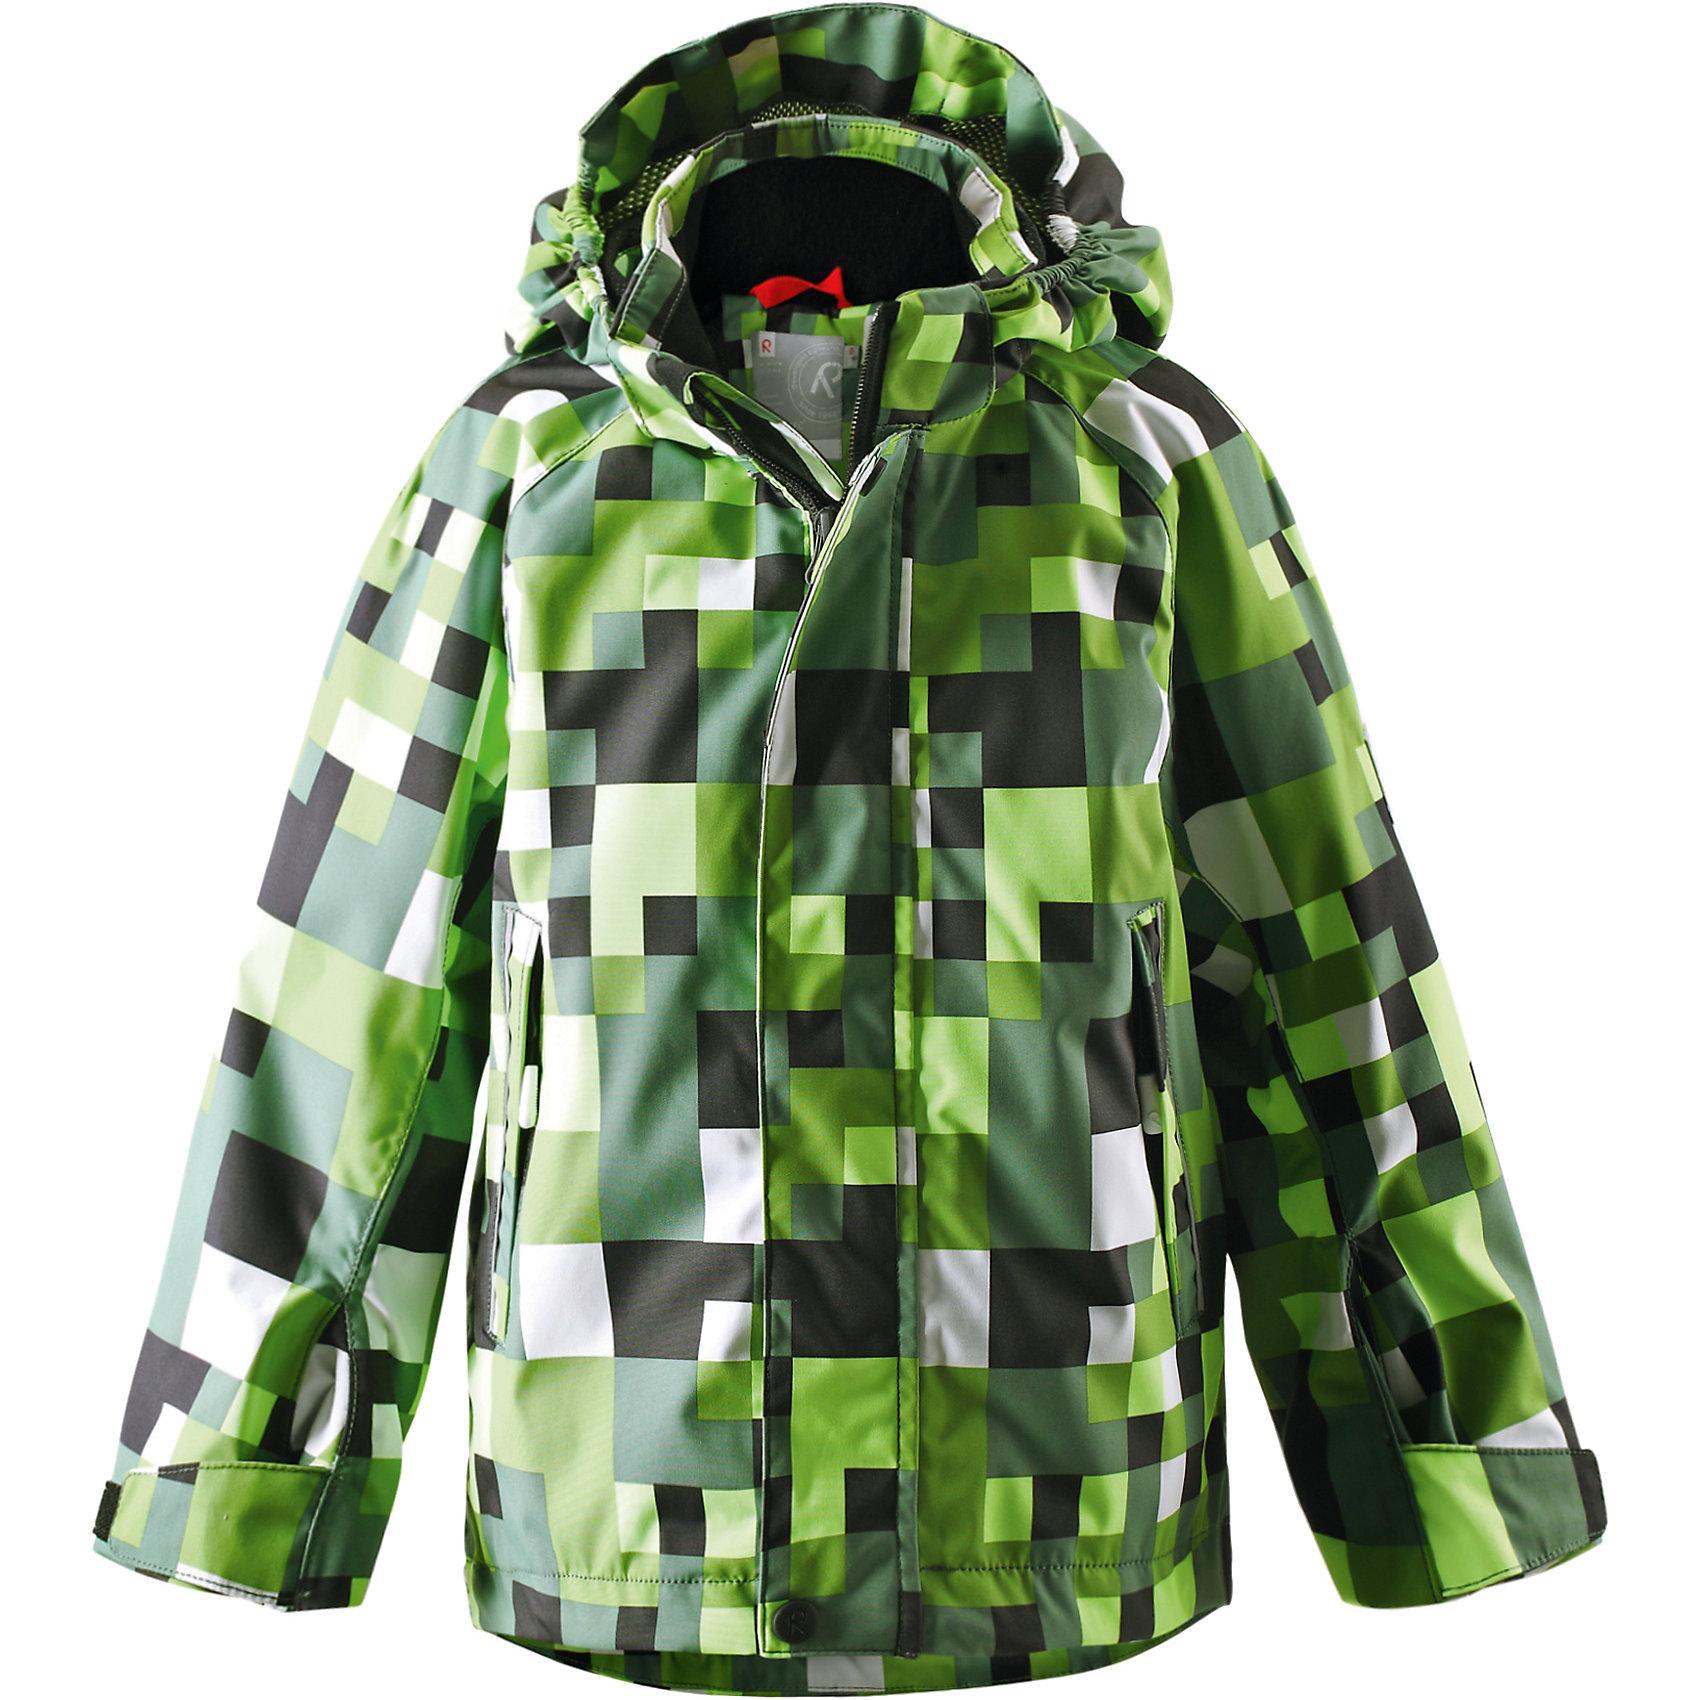 Куртка для девочки Reimatec ReimaОдежда<br>Спортивная демисезонная куртка для круглогодичного использования, будь то дождь или солнечная погода. Добавив теплые средние слои, можно использовать куртку и в холодную погоду – обратите внимание на удобную систему кнопочных застежек Play Layers®, которая поможет легко пристегнуть к куртке несколько средних слоев Reima®. Высококачественный водонепроницаемый и дышащий материал сетчатой подкладки добавляет удобства. Съемный капюшон и светоотражающие детали обеспечивают безопасность во время игр на открытом воздухе, а карманы на молнии идеально сохраняют маленькие предметы.<br><br>Дополнительная информация:<br><br>Водонепроницаемость: 15000 мм<br>Куртка демисезонная для детей<br>Все швы проклеены и водонепроницаемы<br>Водо- и ветронепроницаемый, «дышащий» и грязеотталкивающий материал<br>Подкладка из mesh-сетки<br>Безопасный, отстегивающийся и регулируемый капюшон<br>Два кармана на молнии<br>Безопасные светоотражающие детали<br><br>Куртку для девочки Reima (Рейма) можно купить в нашем магазине.<br><br>Ширина мм: 356<br>Глубина мм: 10<br>Высота мм: 245<br>Вес г: 519<br>Цвет: зеленый<br>Возраст от месяцев: 96<br>Возраст до месяцев: 108<br>Пол: Женский<br>Возраст: Детский<br>Размер: 134,140,110,104<br>SKU: 4566275